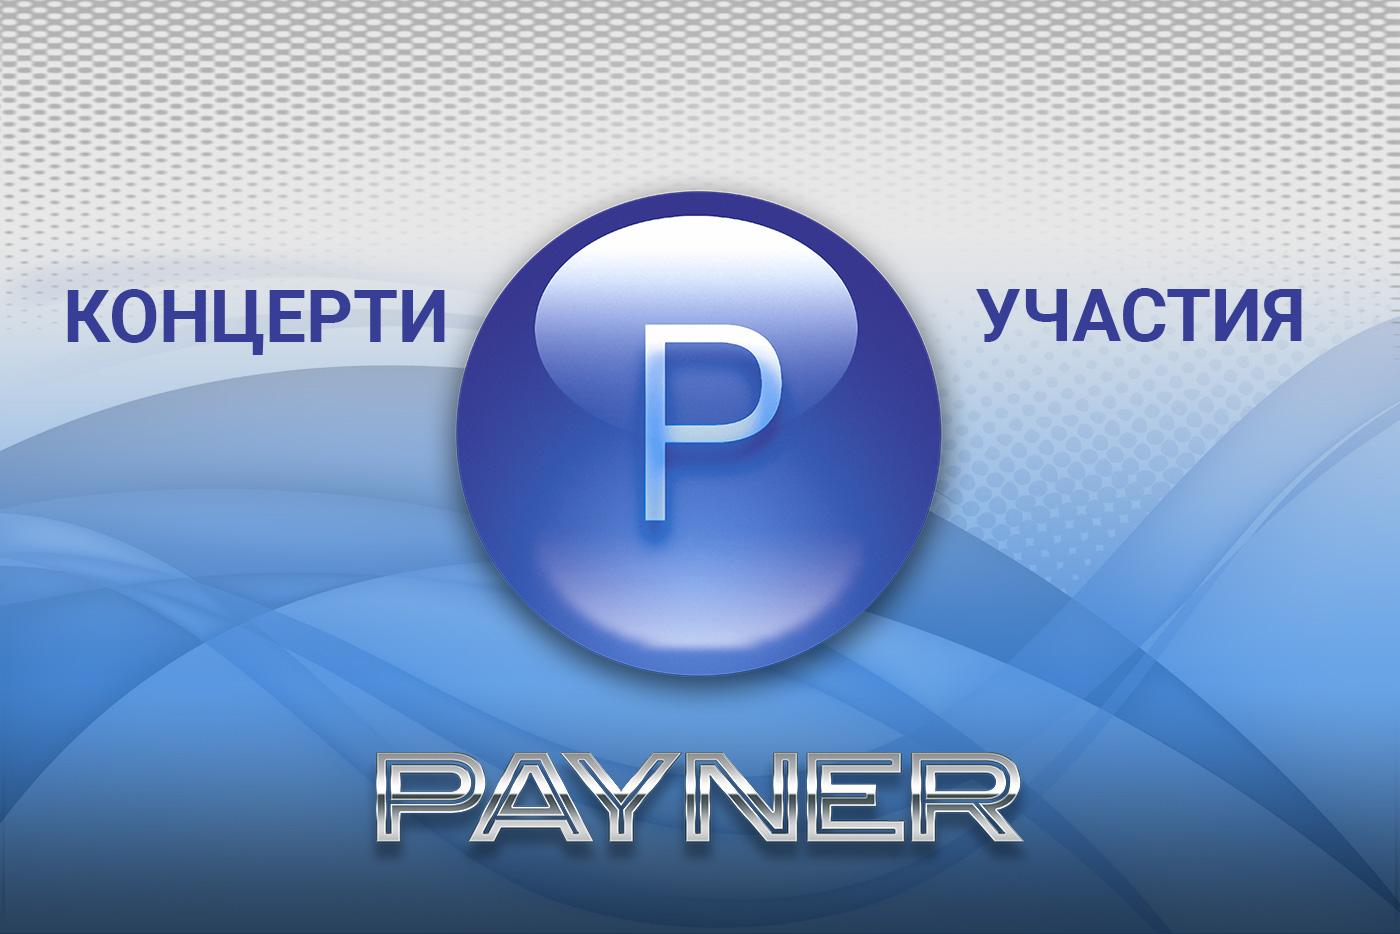 """Участия на звездите на """"Пайнер"""" на 17.06.2019"""